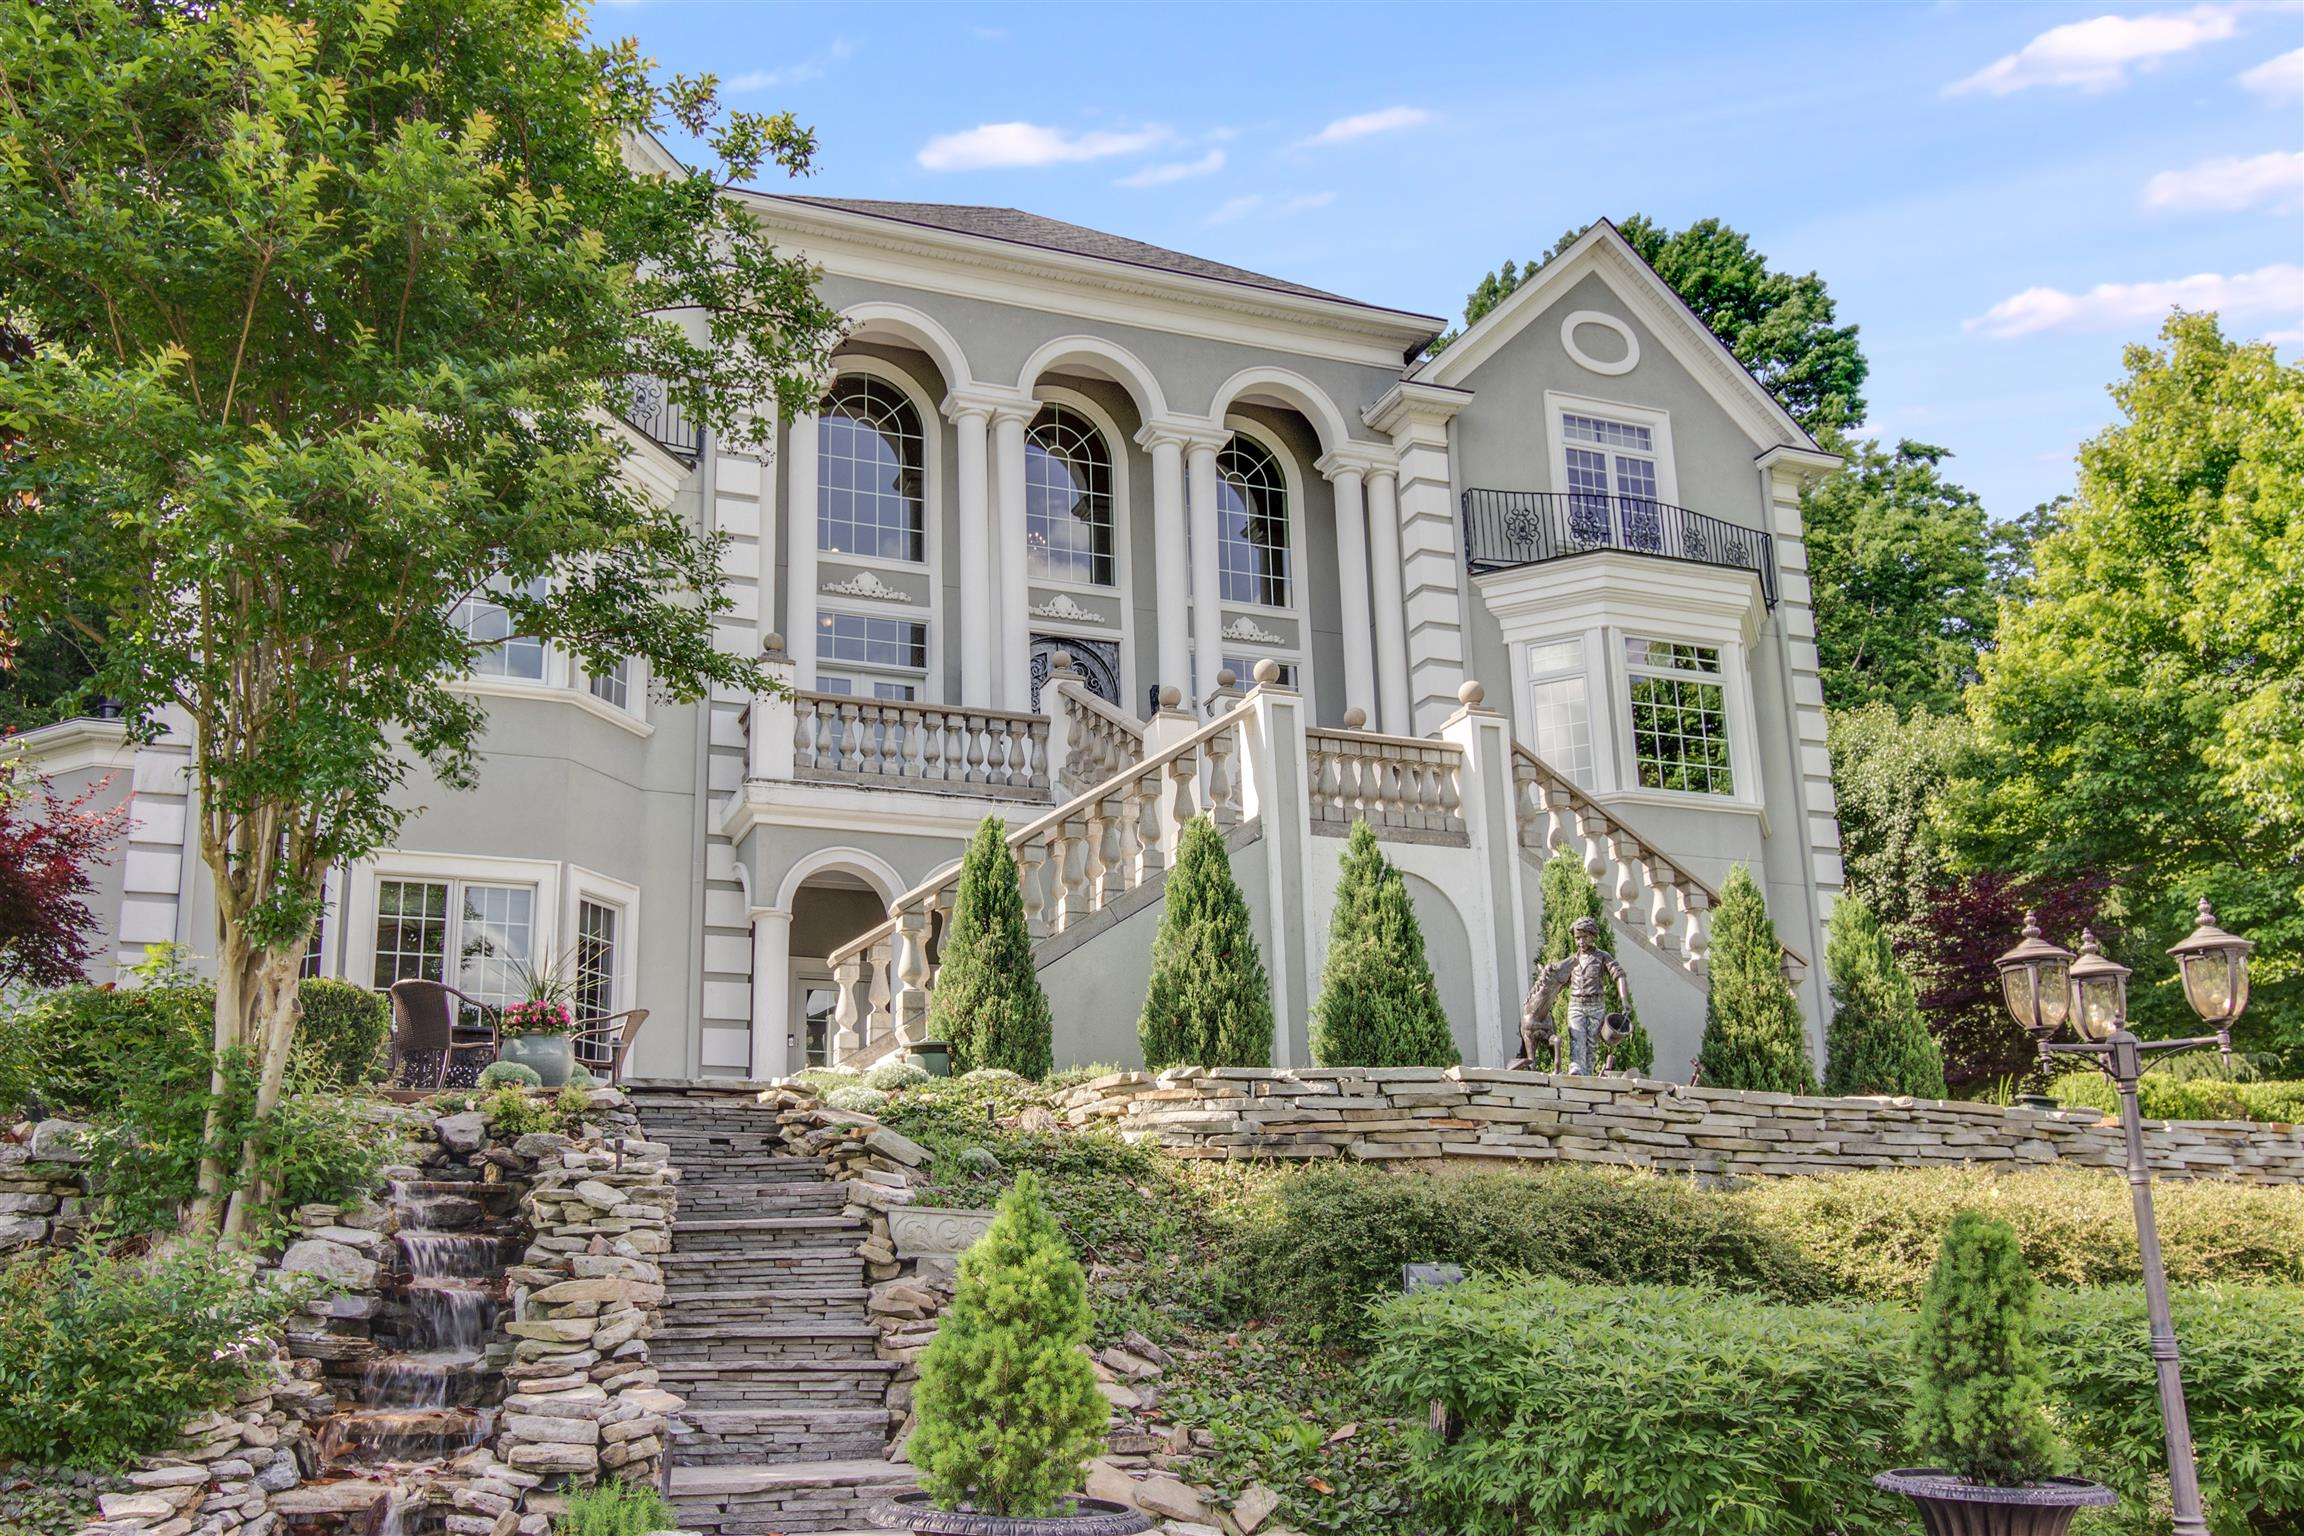 2040 Lynnwood Dr, Franklin, TN 37064 - Franklin, TN real estate listing